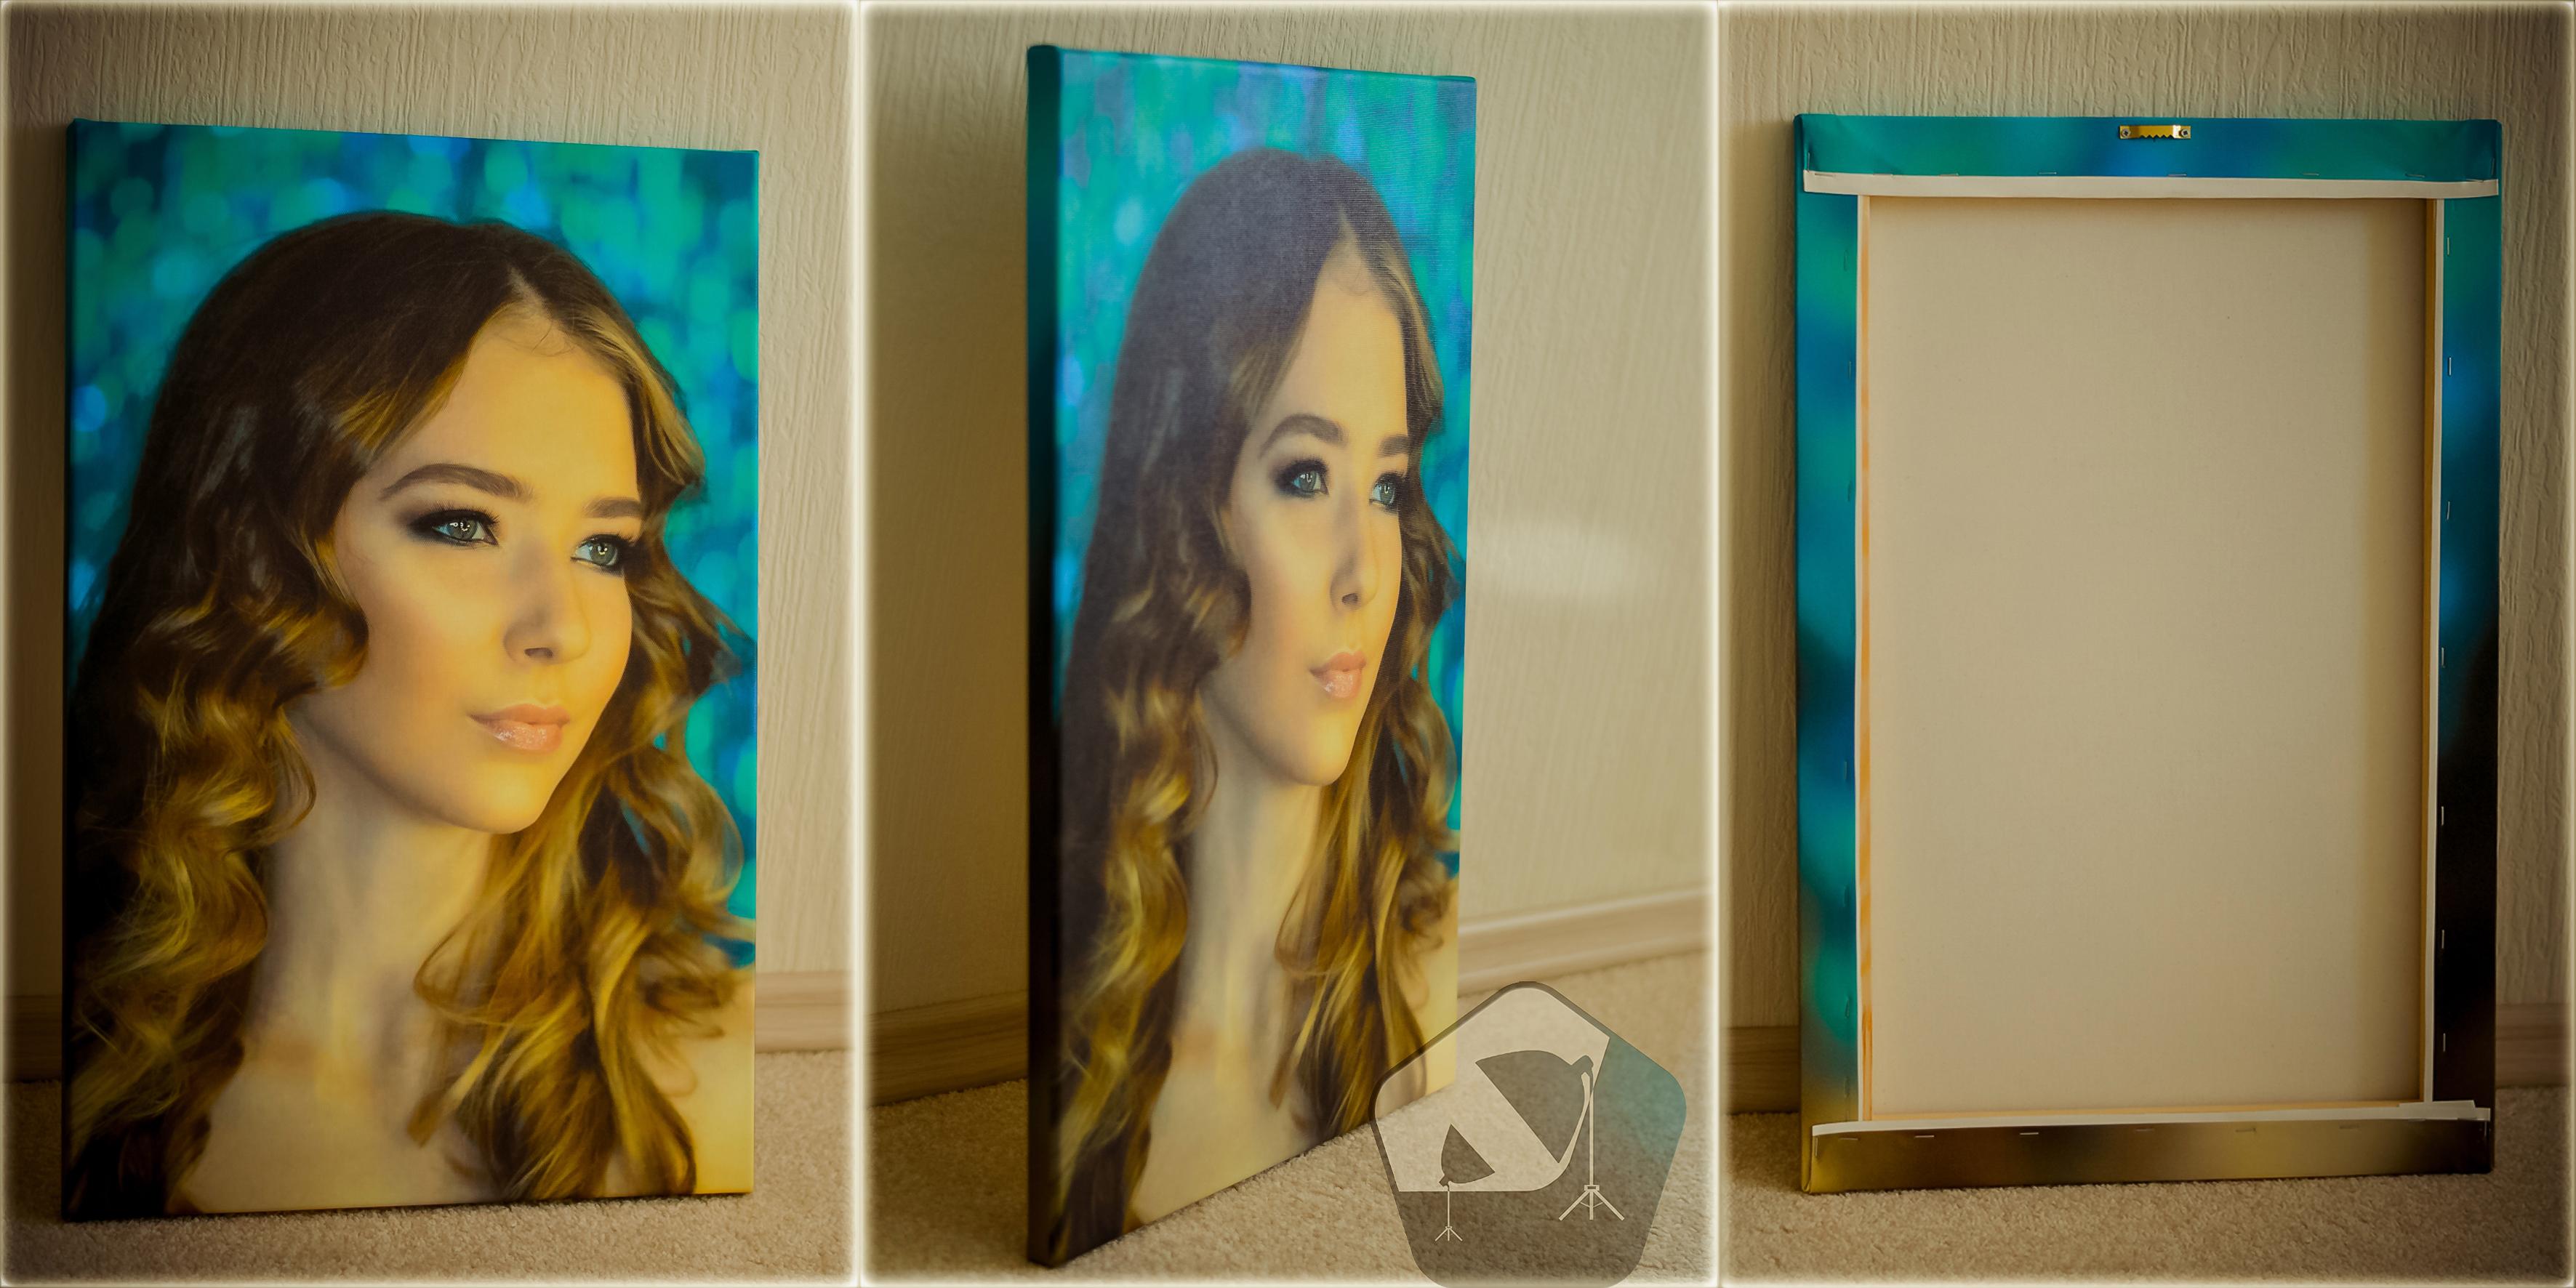 Печать портрета на холсте с натяжкой на подрамник 40x60 см = 1455 руб.